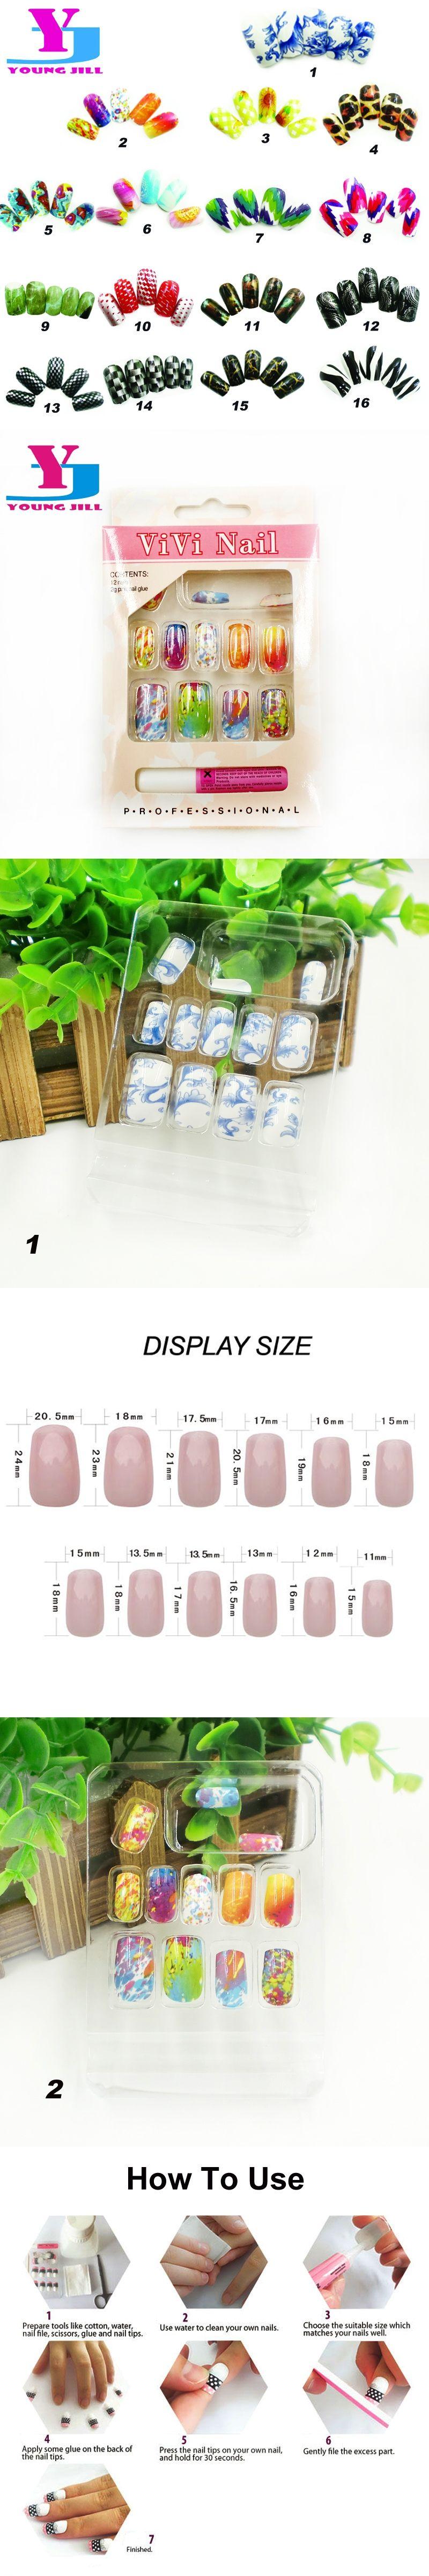 16 Designs Art Fake Nails Full Cover 12pcs/set Colorful Nail Tips ...